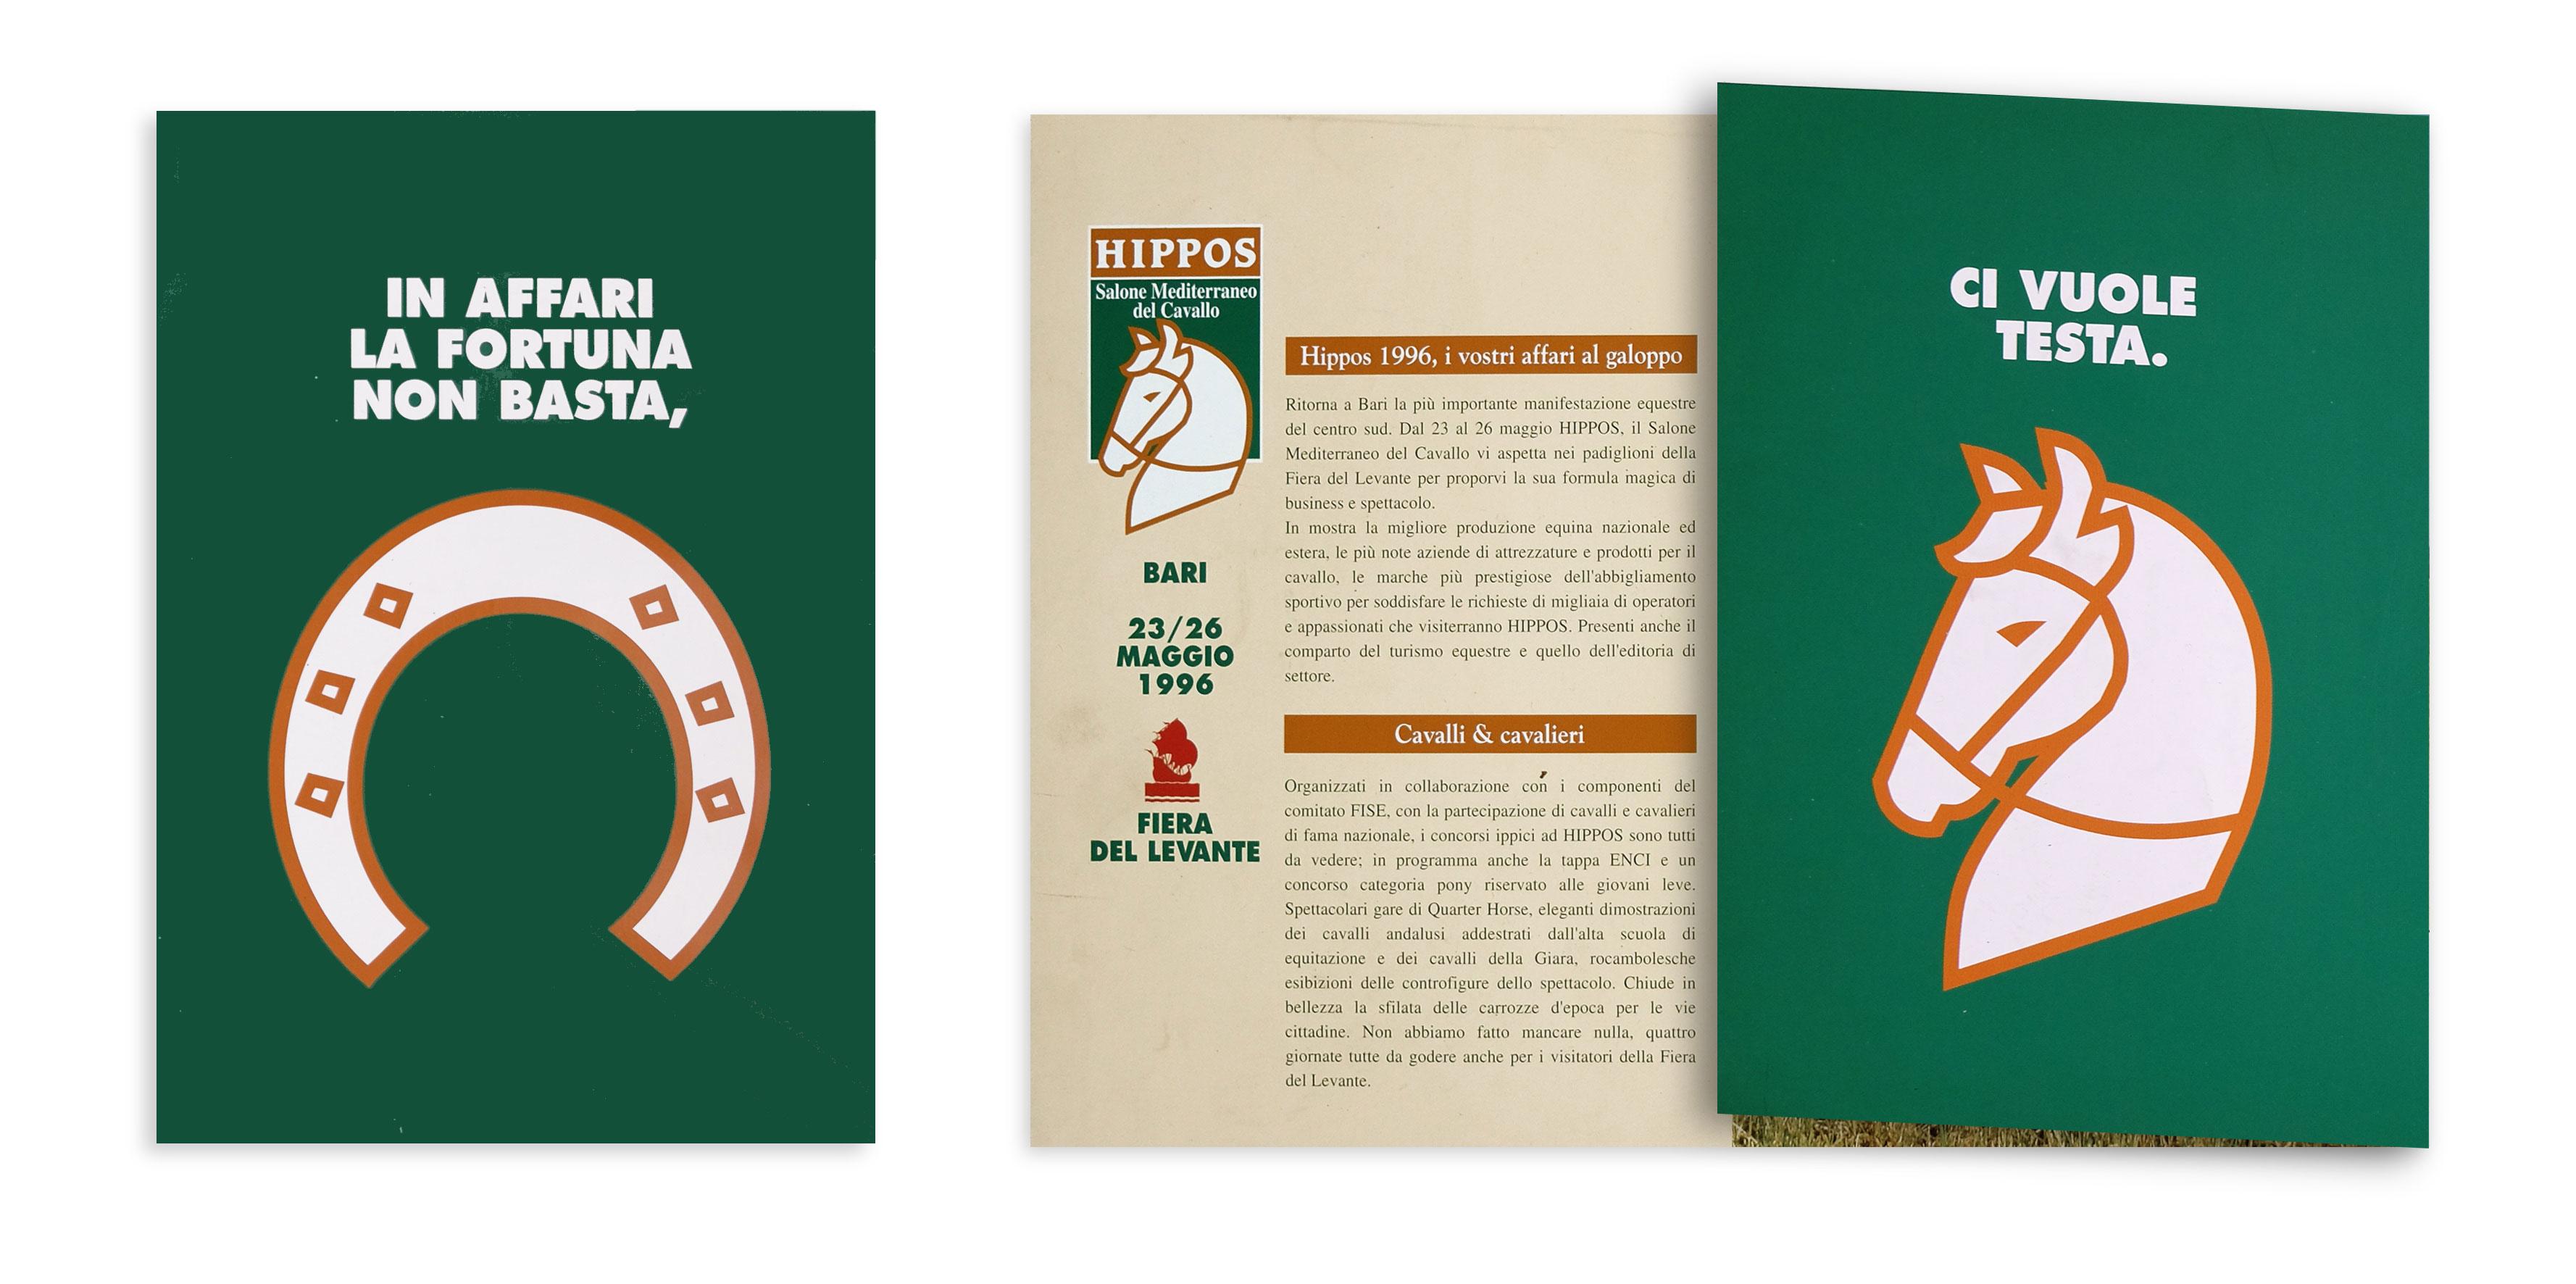 hippos-fiera-copia